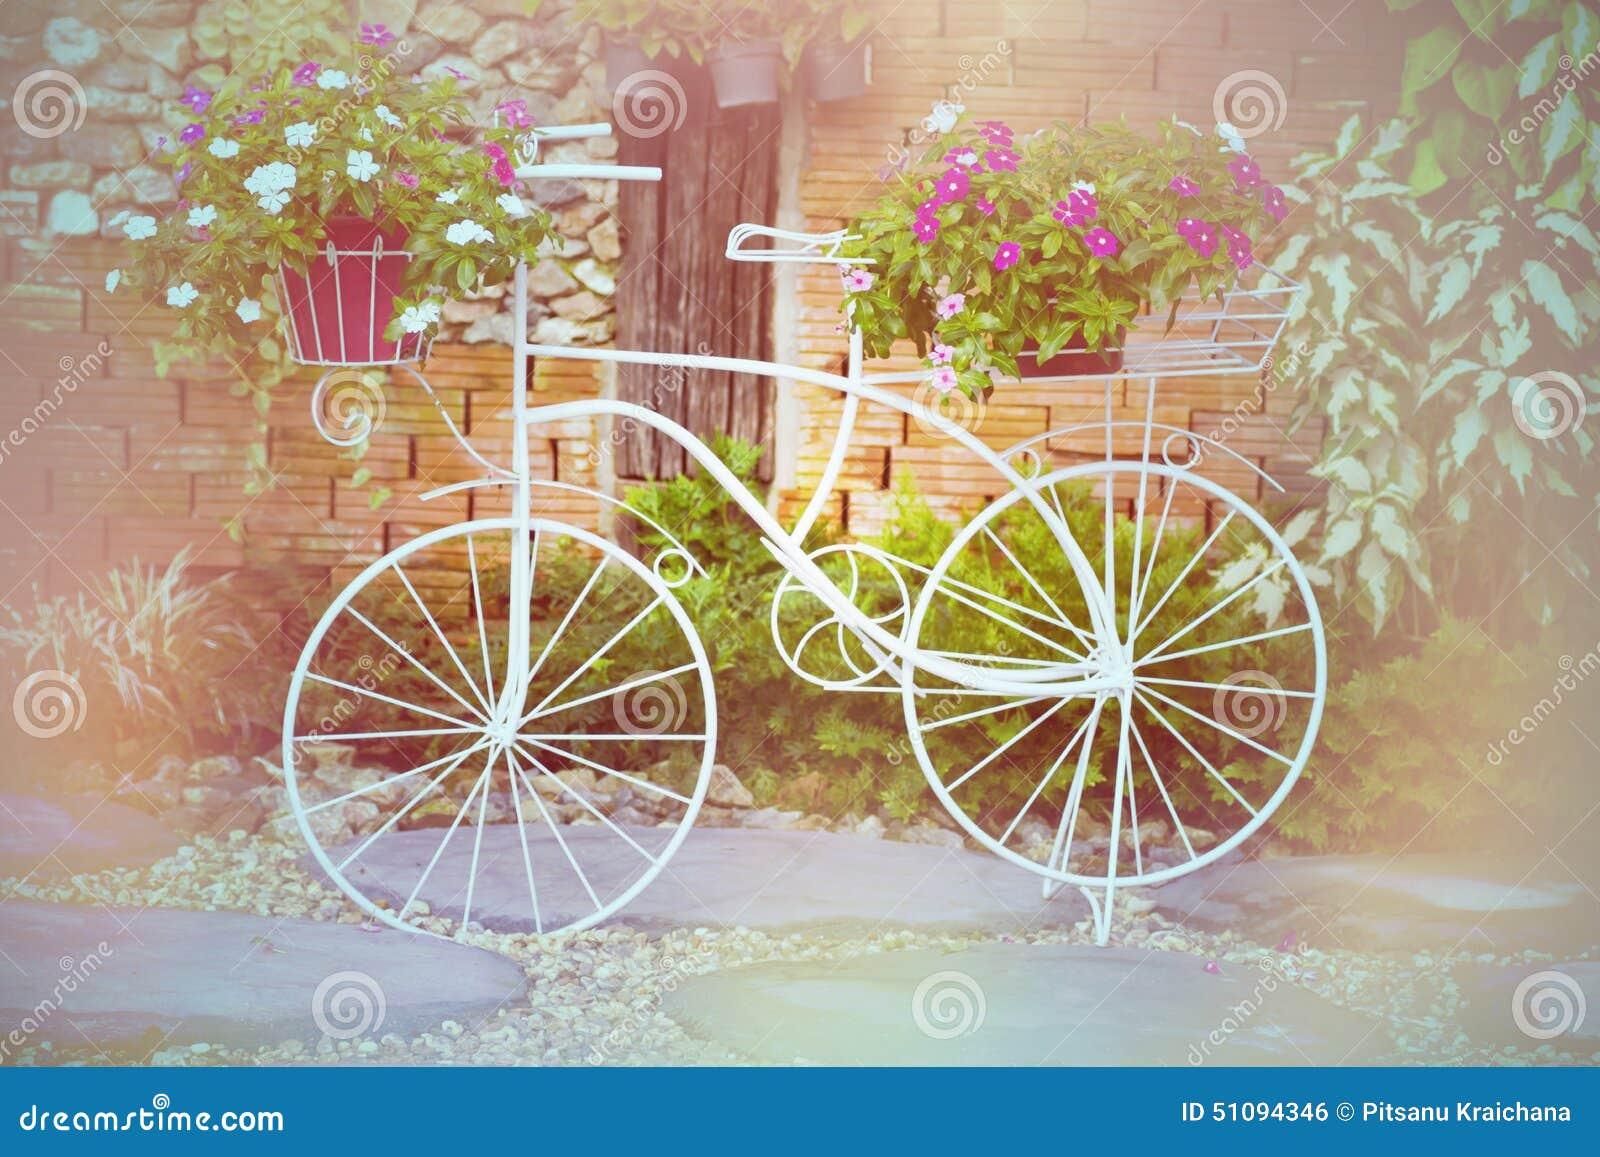 Bicicletta Con I Fiori In Giardino Fotografia Stock - Immagine ...